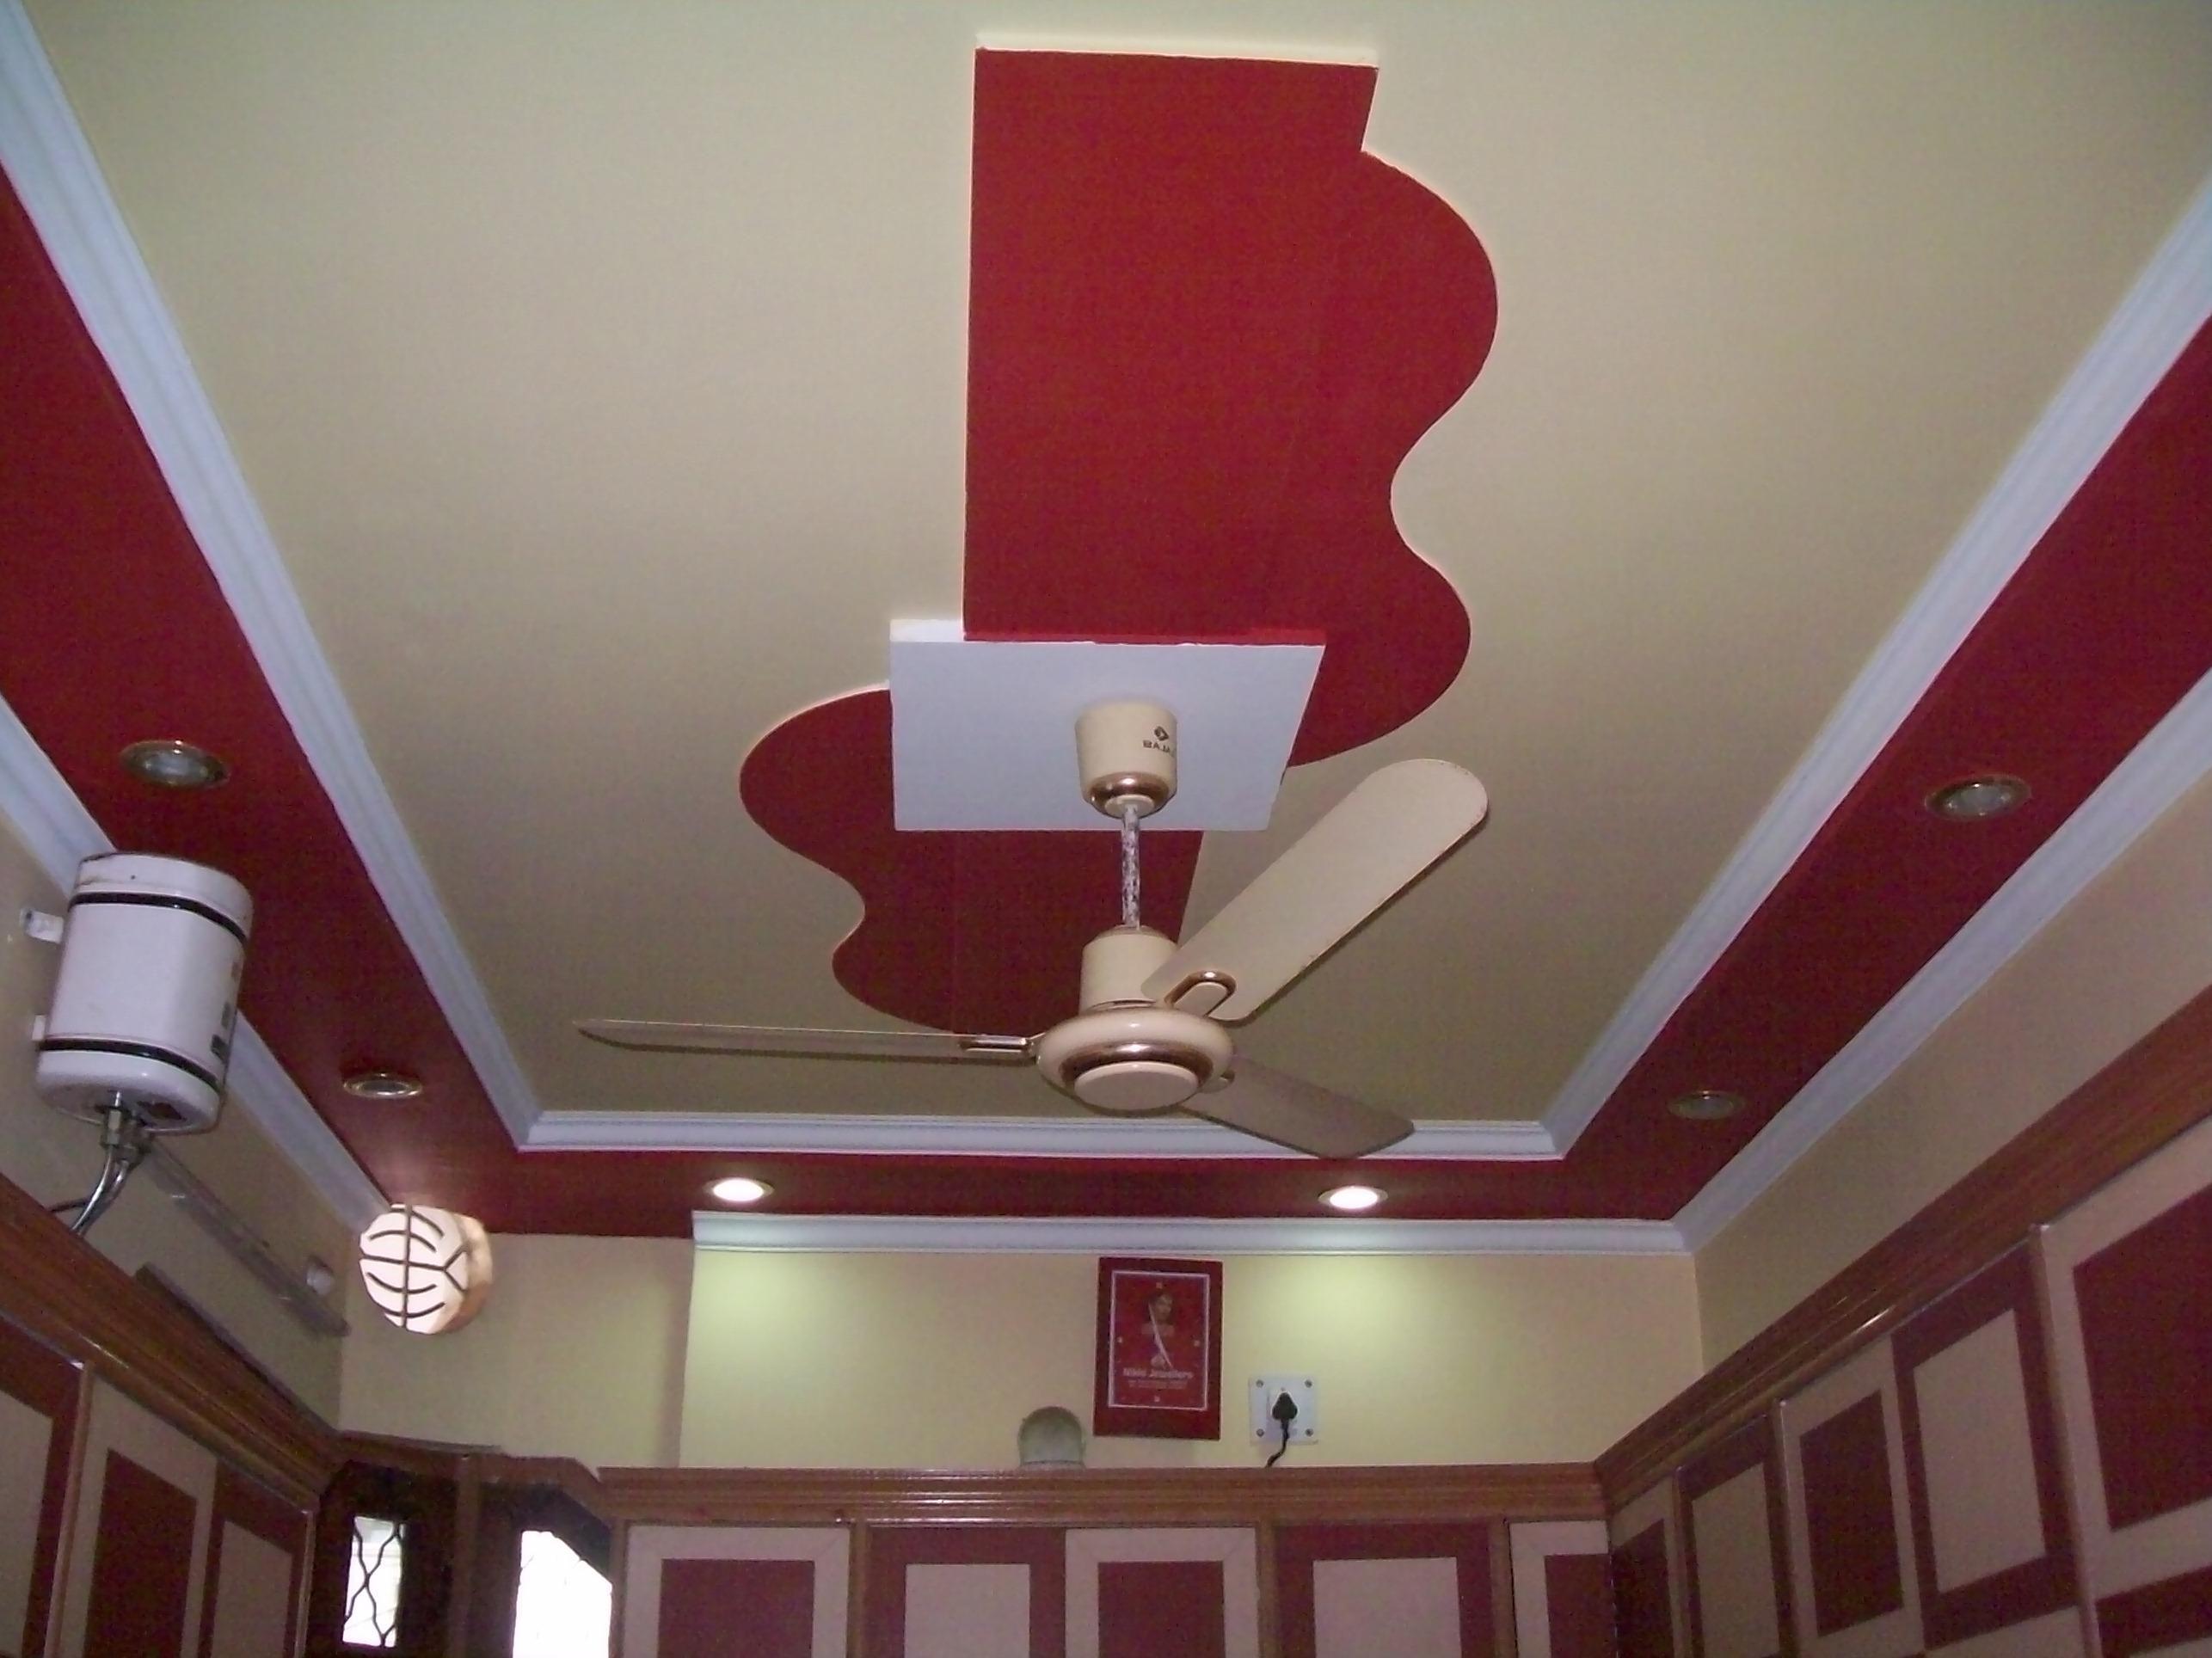 Amazing Ceiling Designs Virtual University Of Pakistan Pop Design For Roof Pop Ceiling Design Ceiling Design